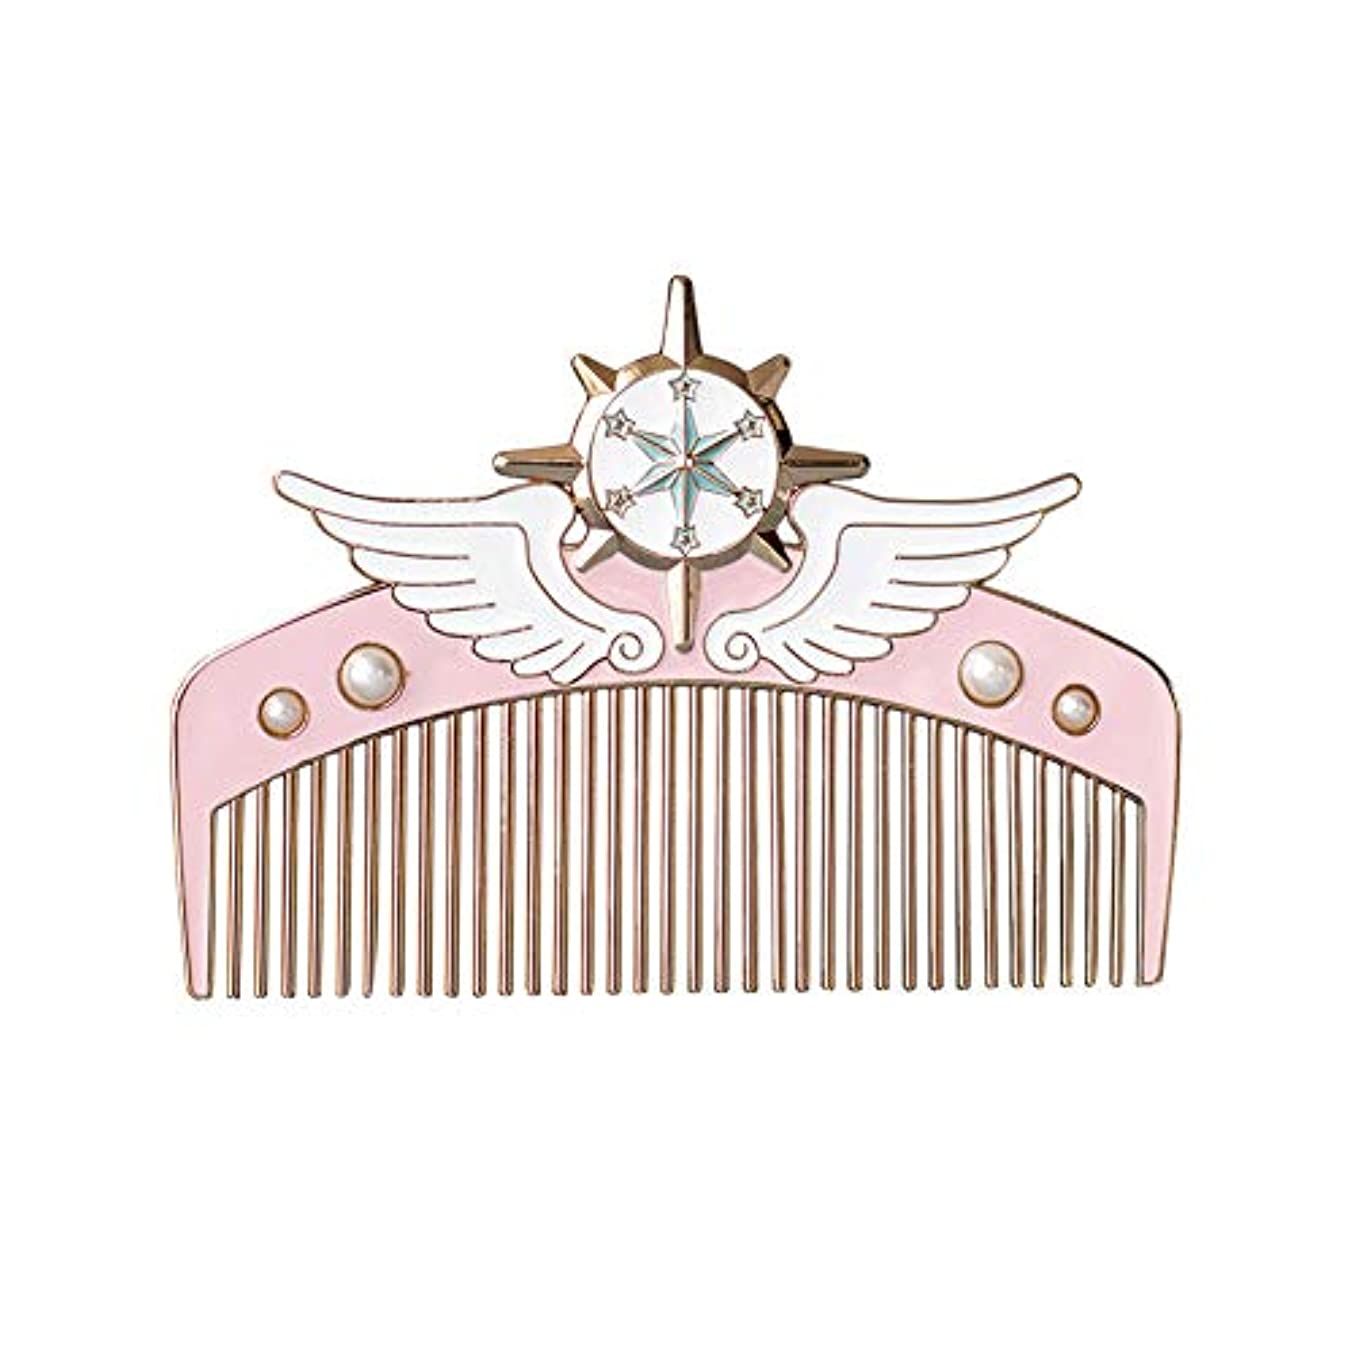 ランドマーク非常に怒っています解放ライフ小屋 櫛 ヘアブラシ カードキャプターさくら セーラームーン 可愛い ピンク 細歯 夢の杖櫛 半月形 ヘアブラシ 子供の髪 贈り物 プレゼント